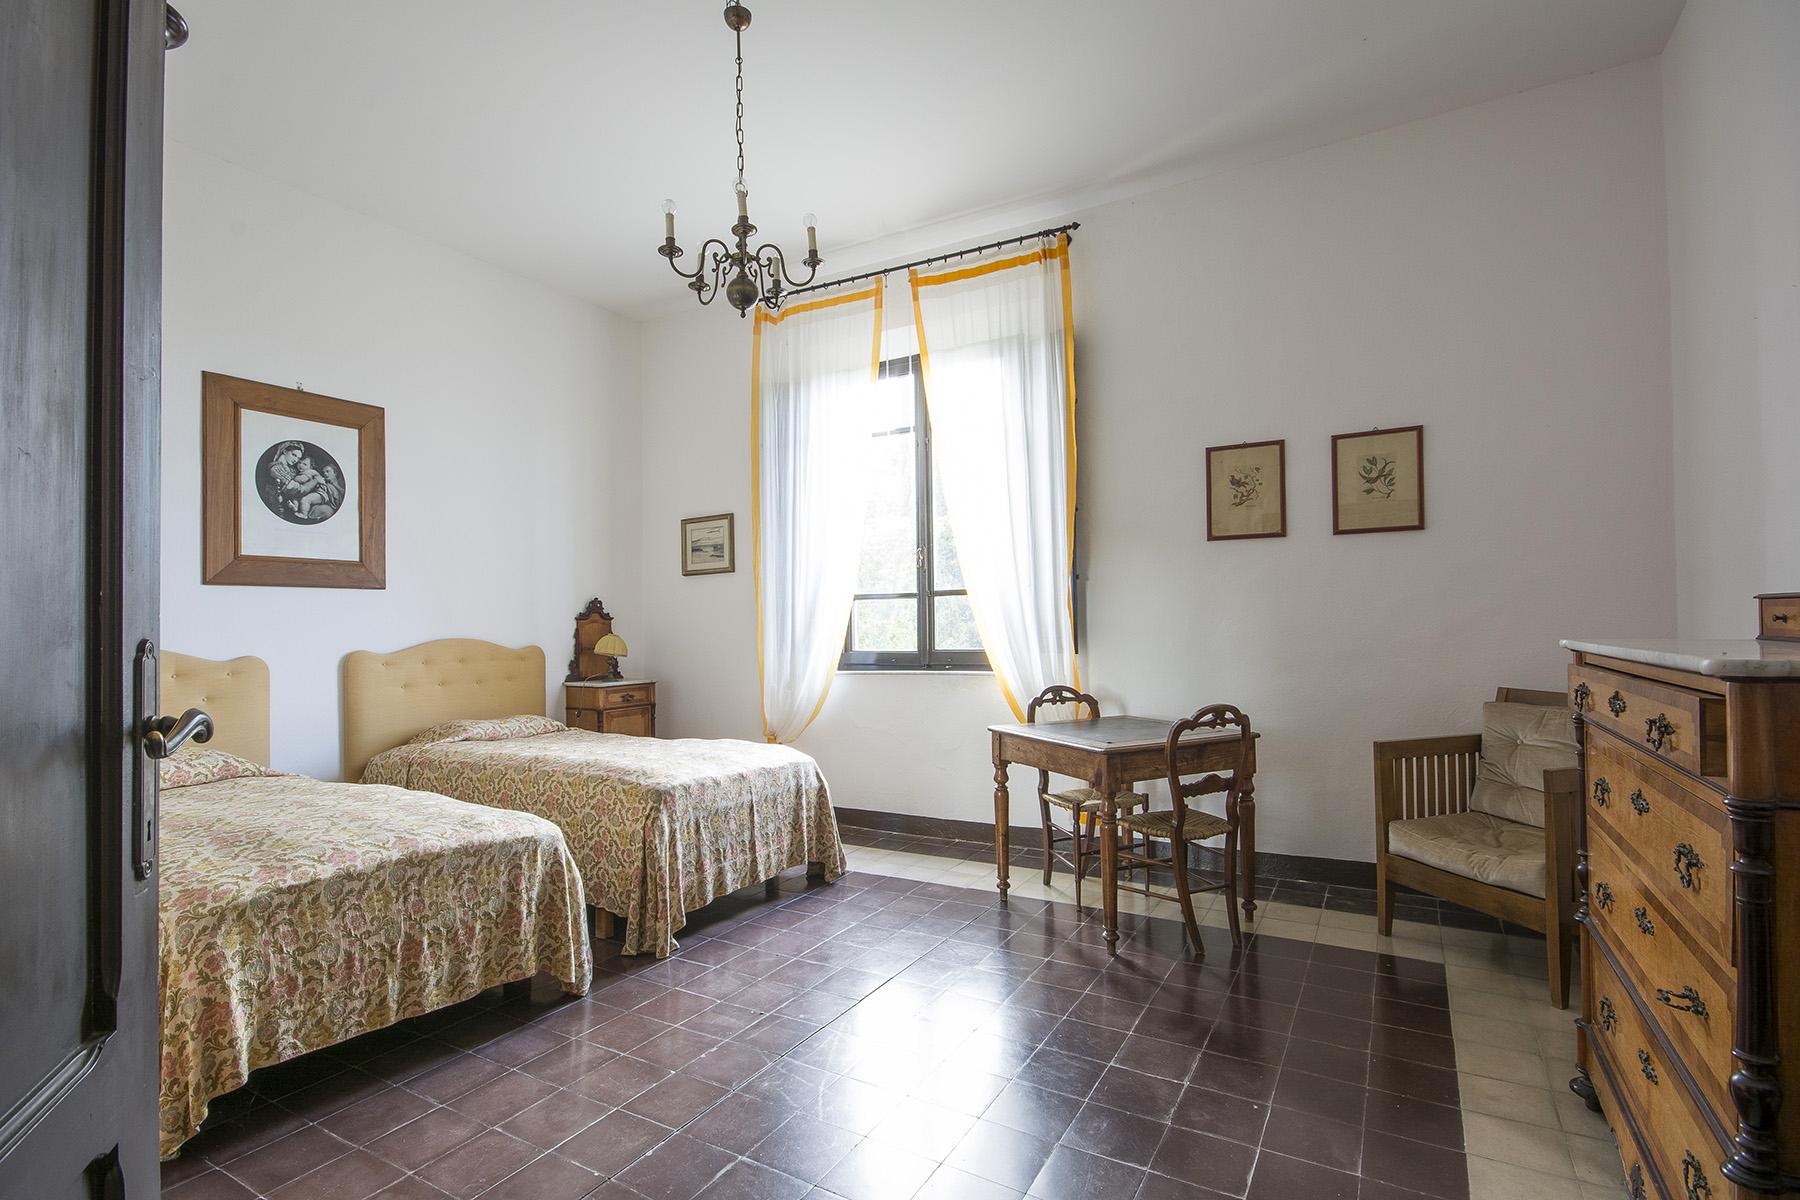 Villa in Vendita a Crespina Lorenzana: 5 locali, 900 mq - Foto 19